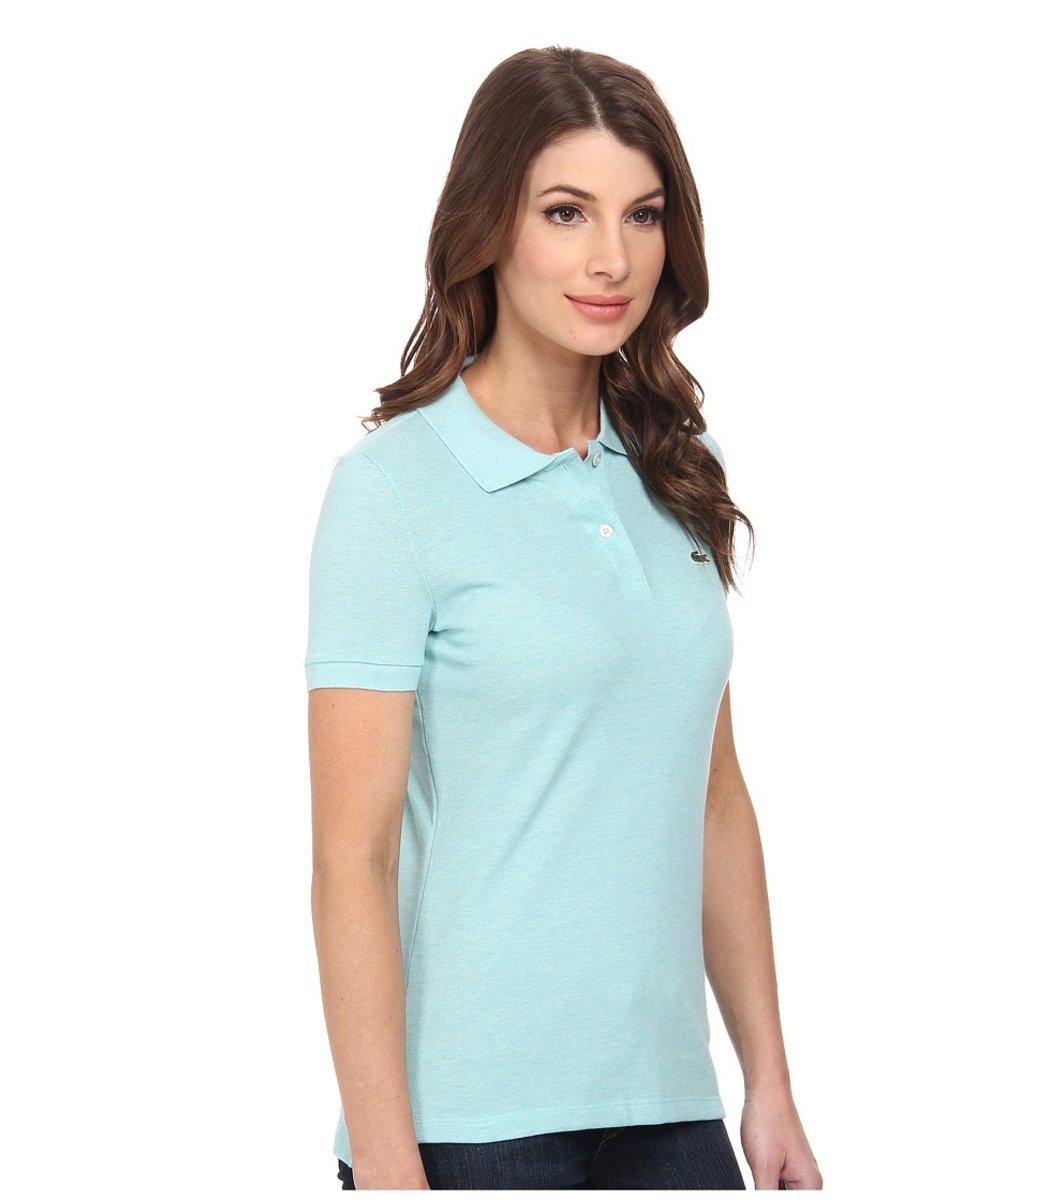 Женская светло-голубая футболка поло Lacoste - светло-голубой - Вид 4